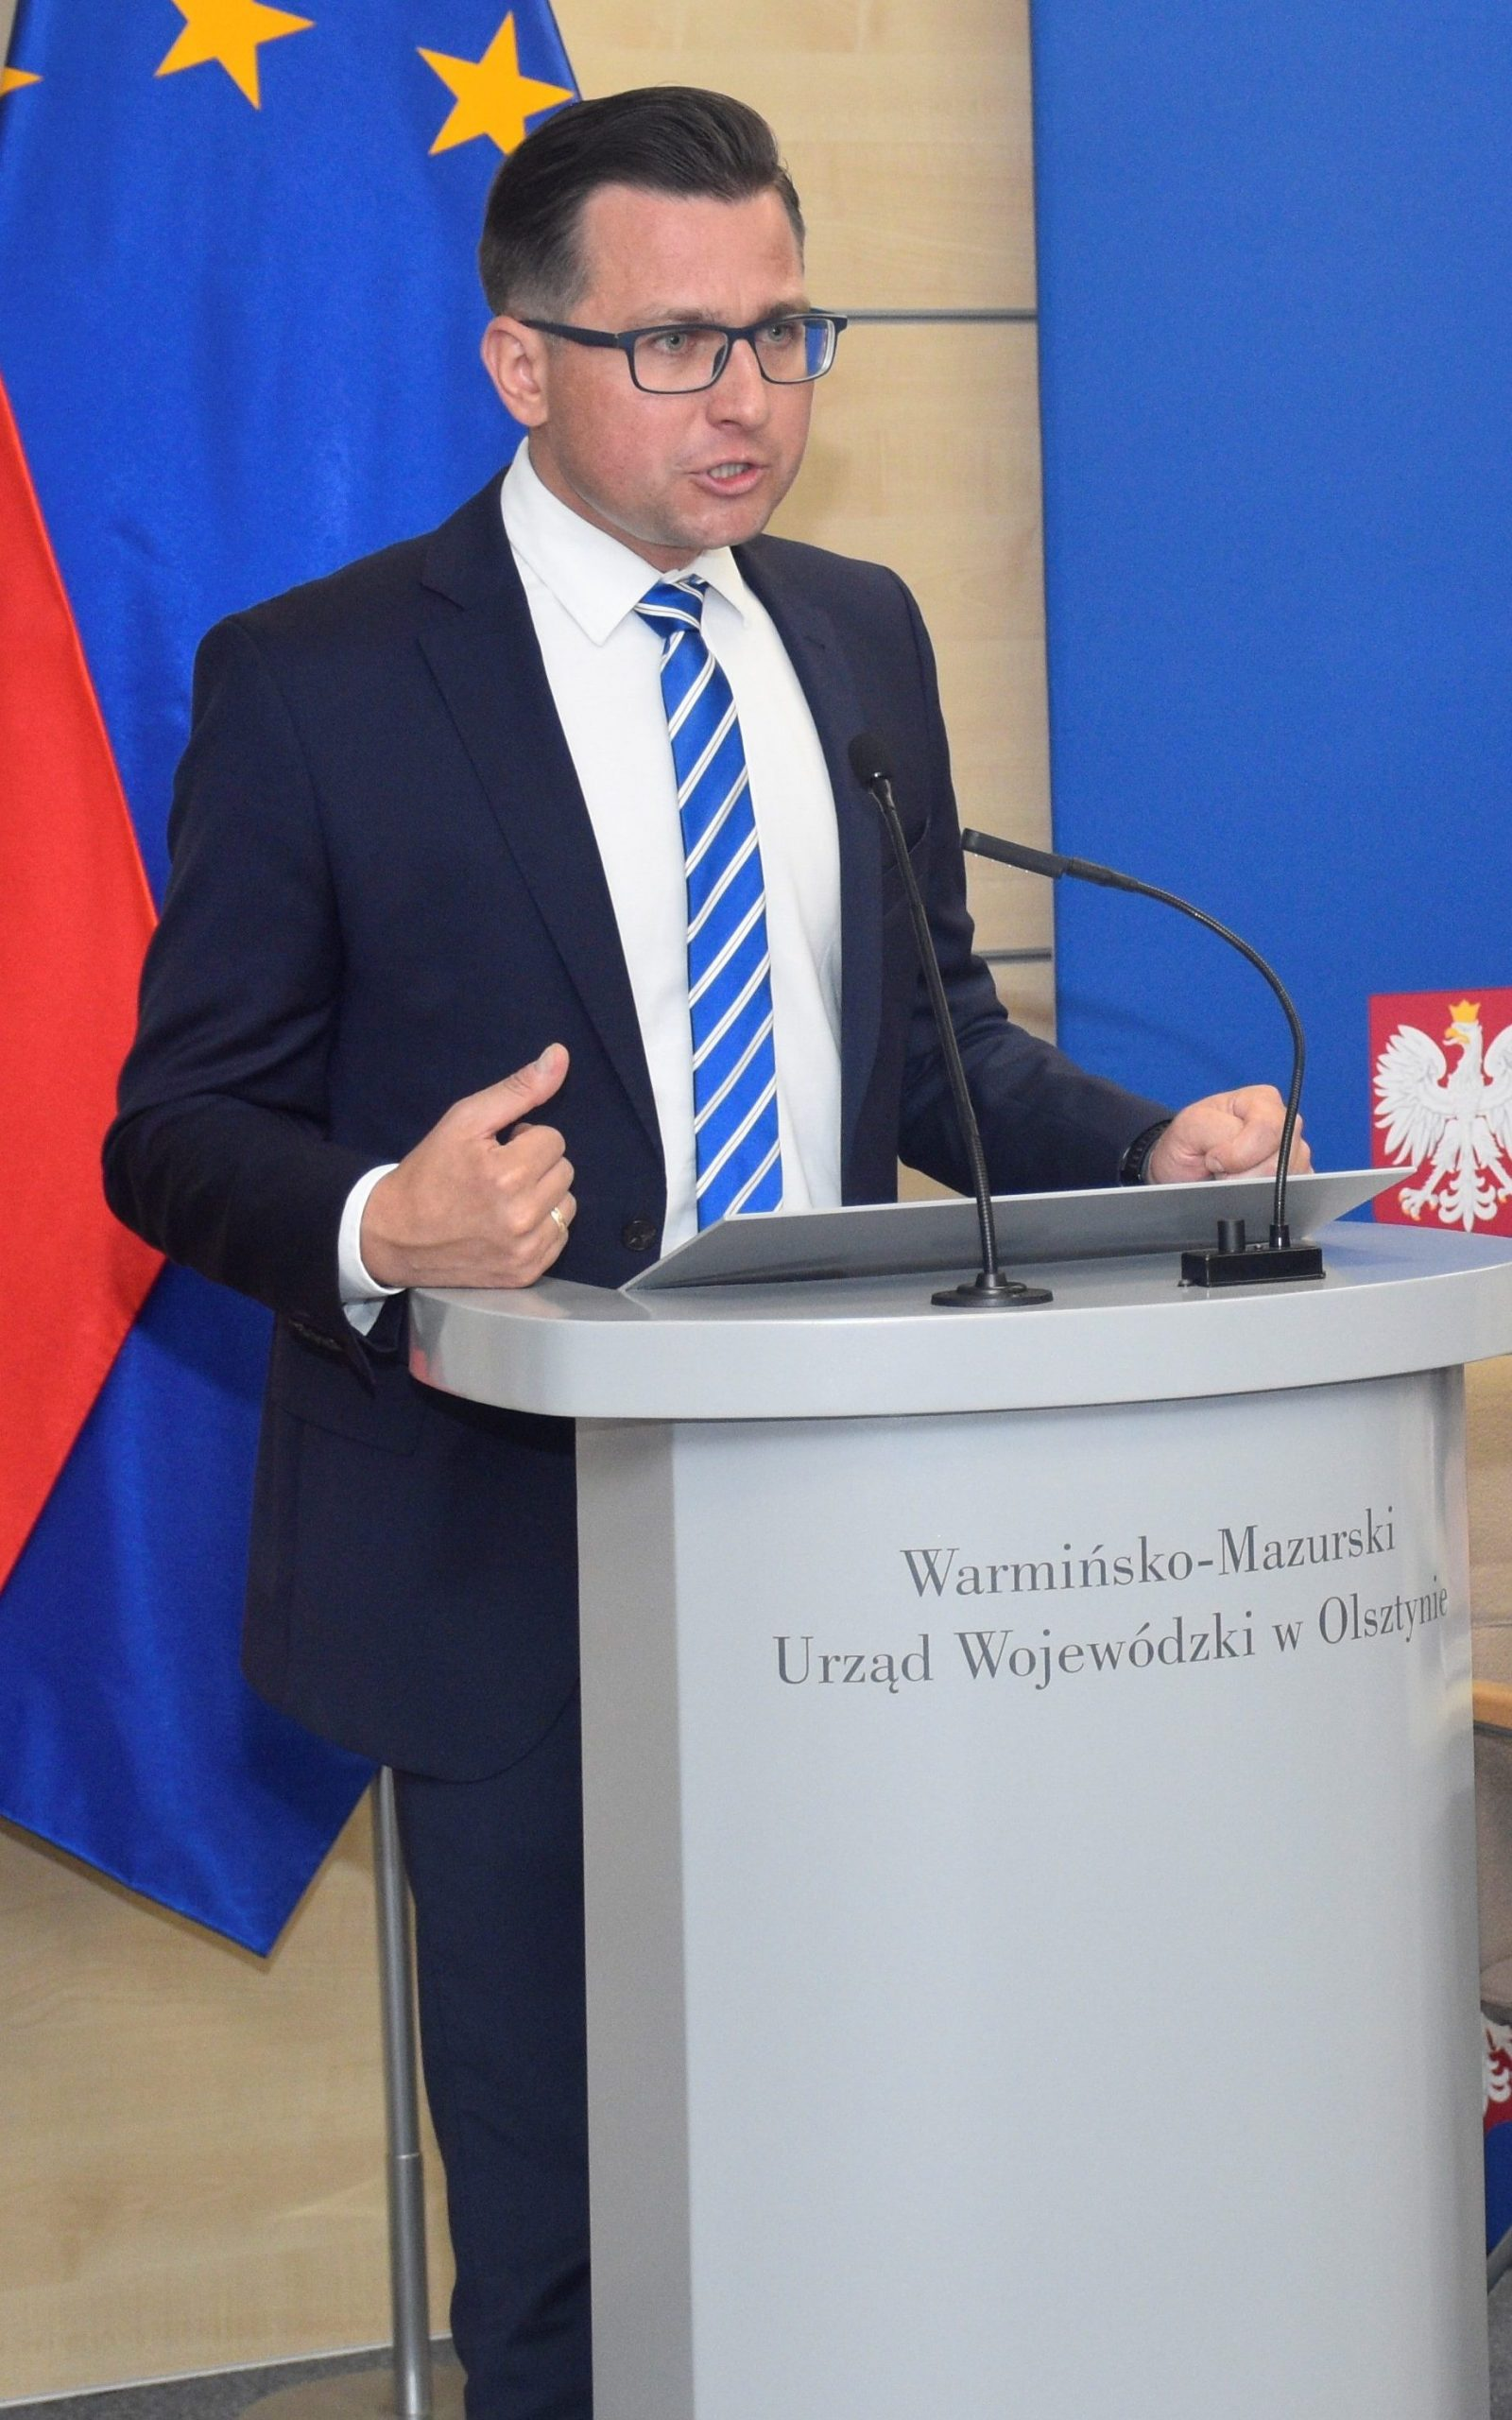 Zdjęcie przedstawia starostę kętrzyńskiego Michała Kochanowskiego podczas podpisywania umów z samorządowcami w Warmińsko-Mazurskim Urzędzie Wojewódzkim w Olsztynie.